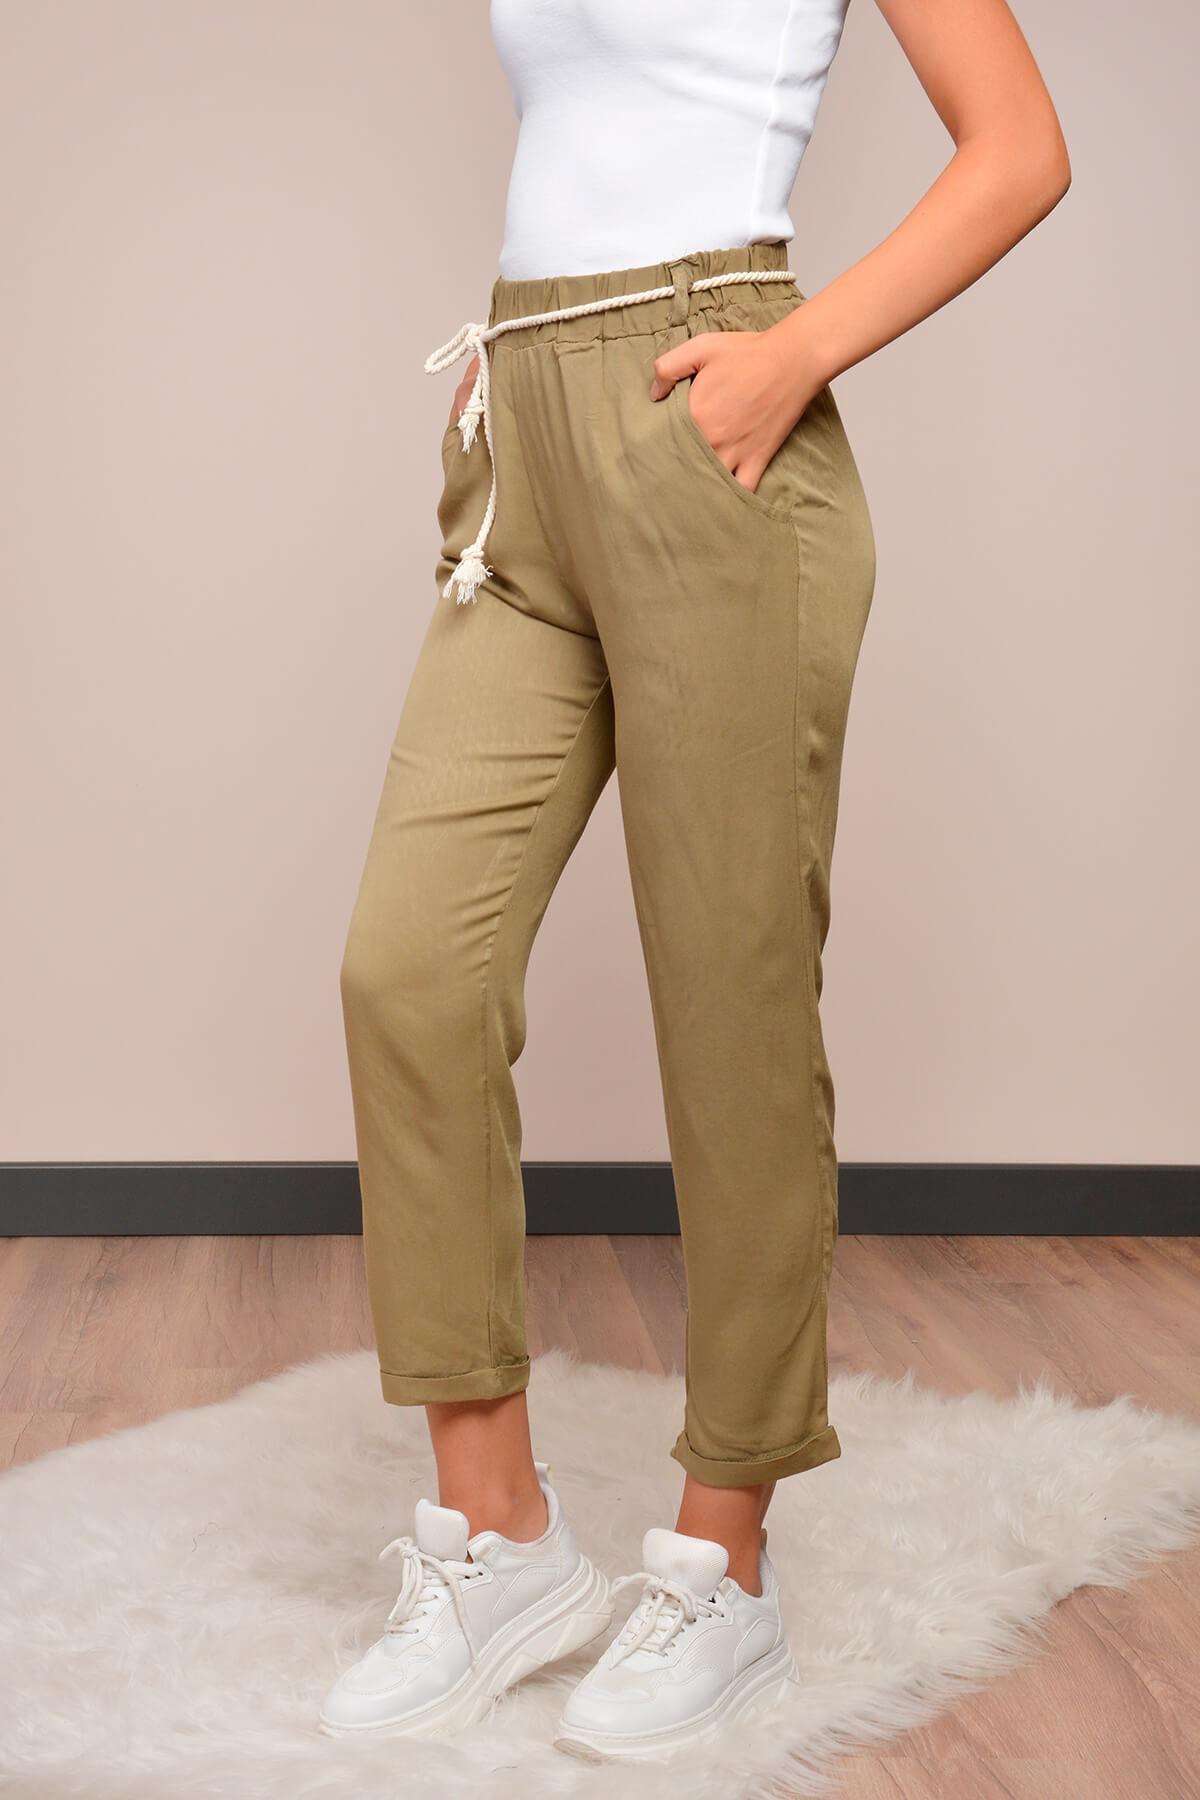 Mossta Kadın Haki Halat Kemerli Havuç Pantolon 2